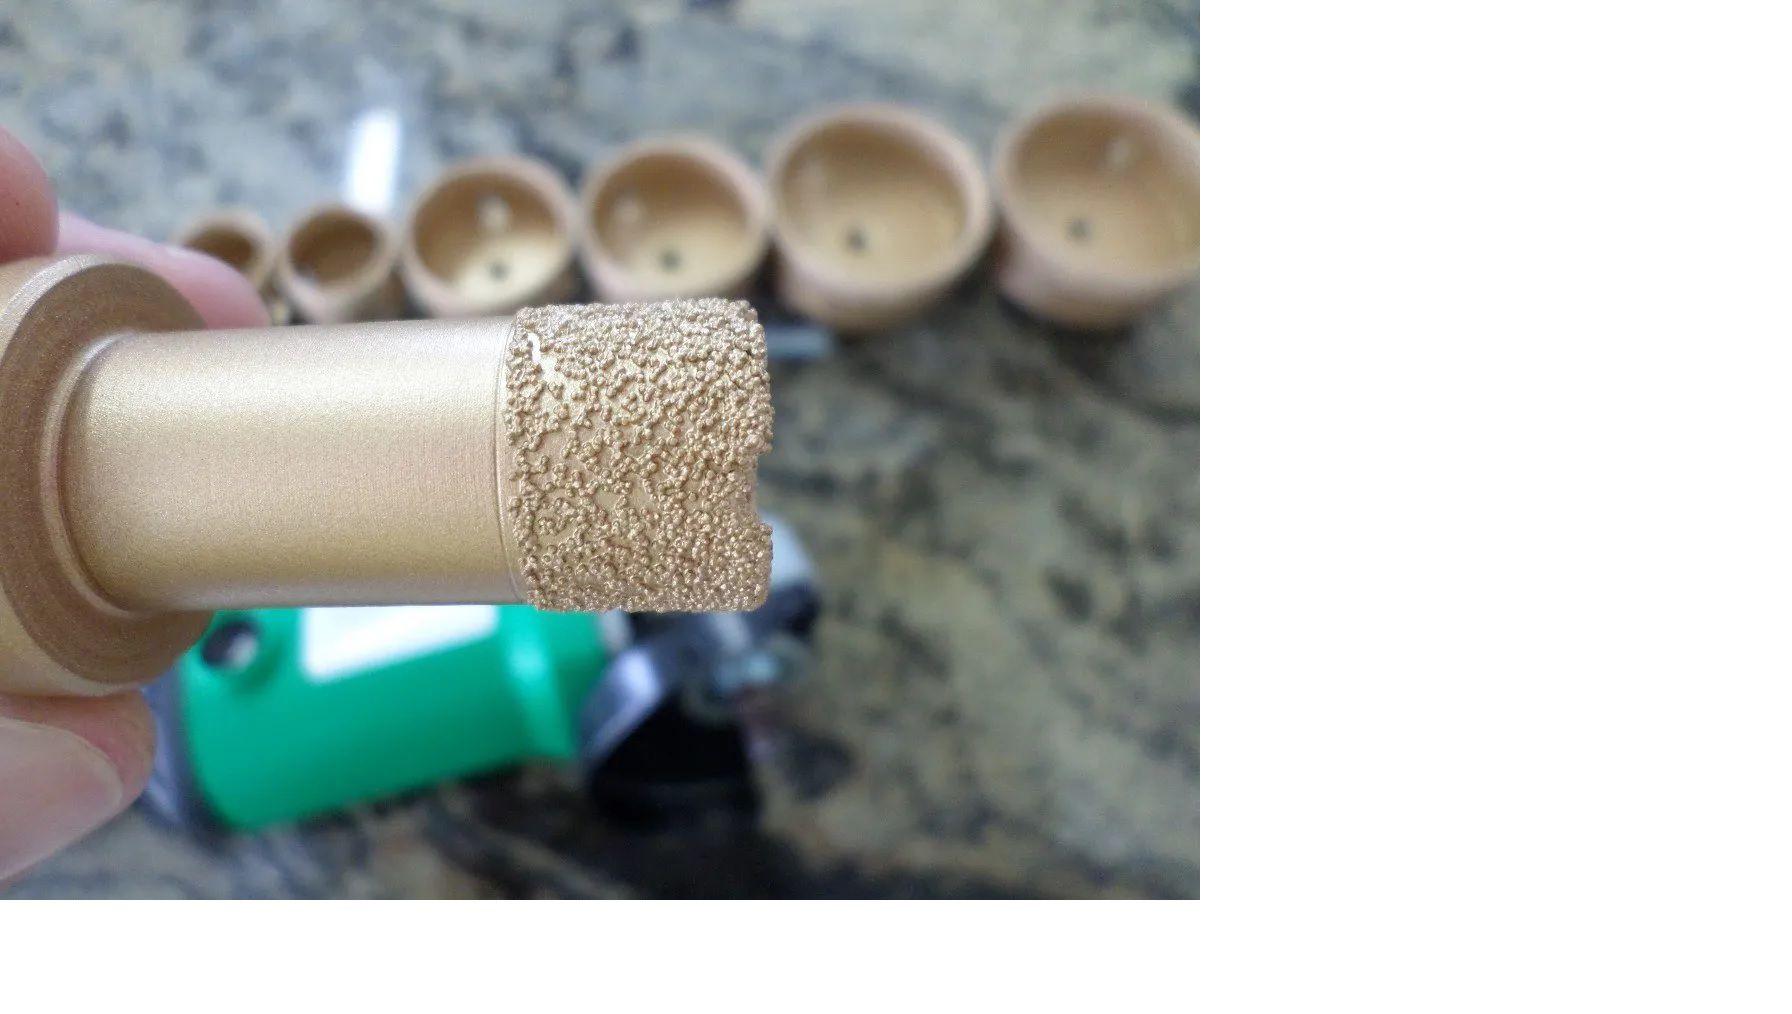 Serra Copo broca para furar porcelanato diamantada 25mm M14 CORTAG